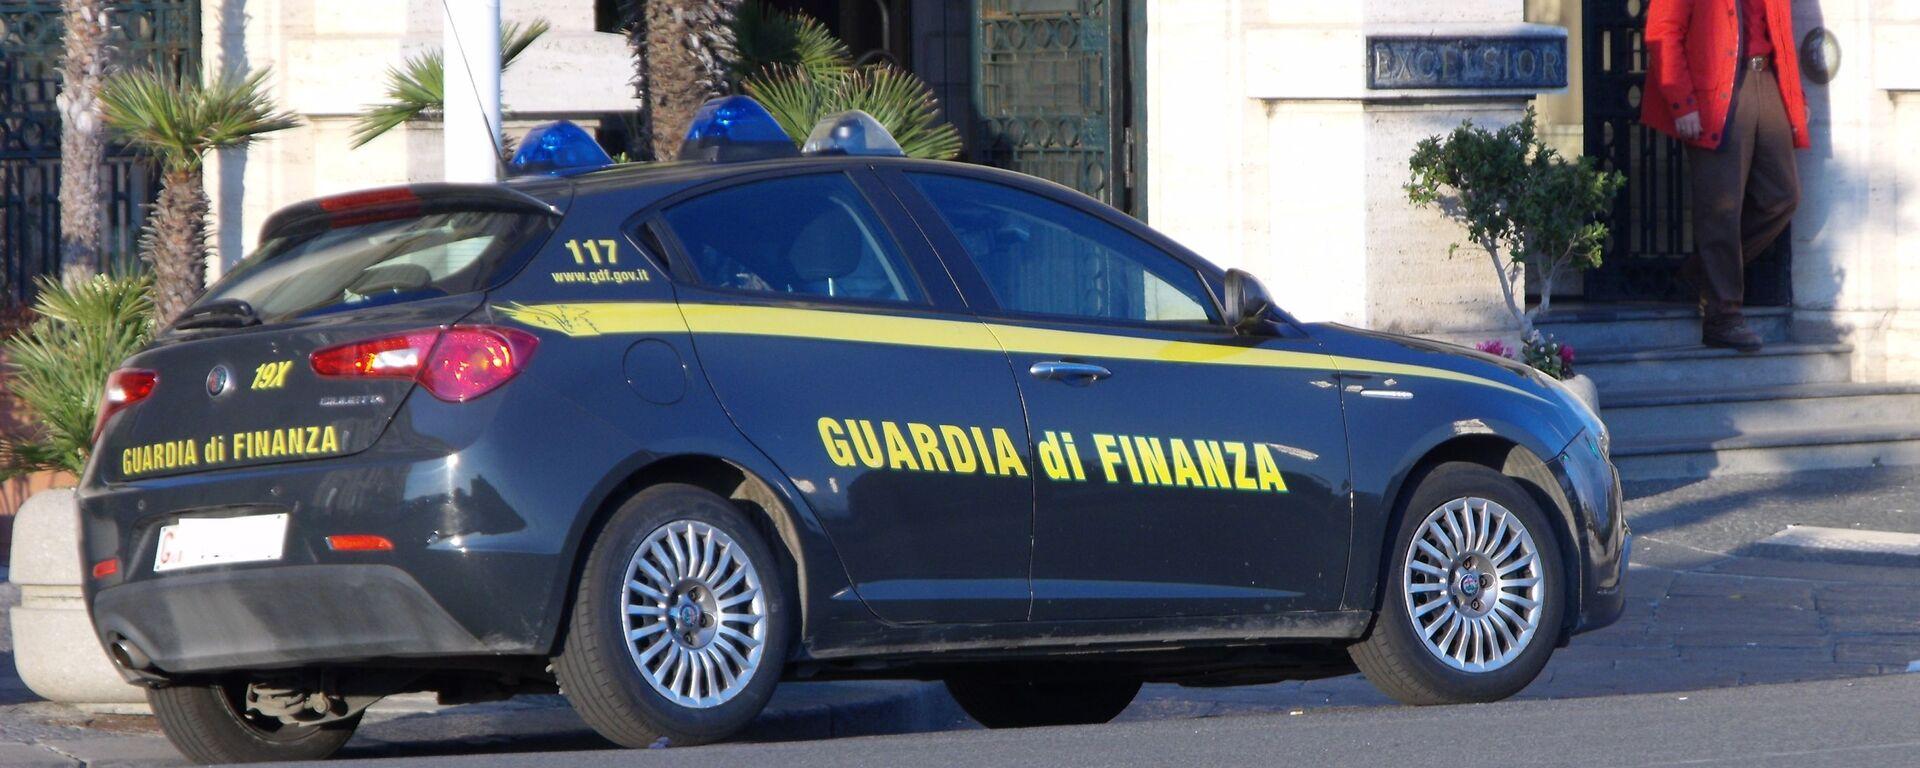 Auto della guardia di finanza - Sputnik Italia, 1920, 12.05.2021